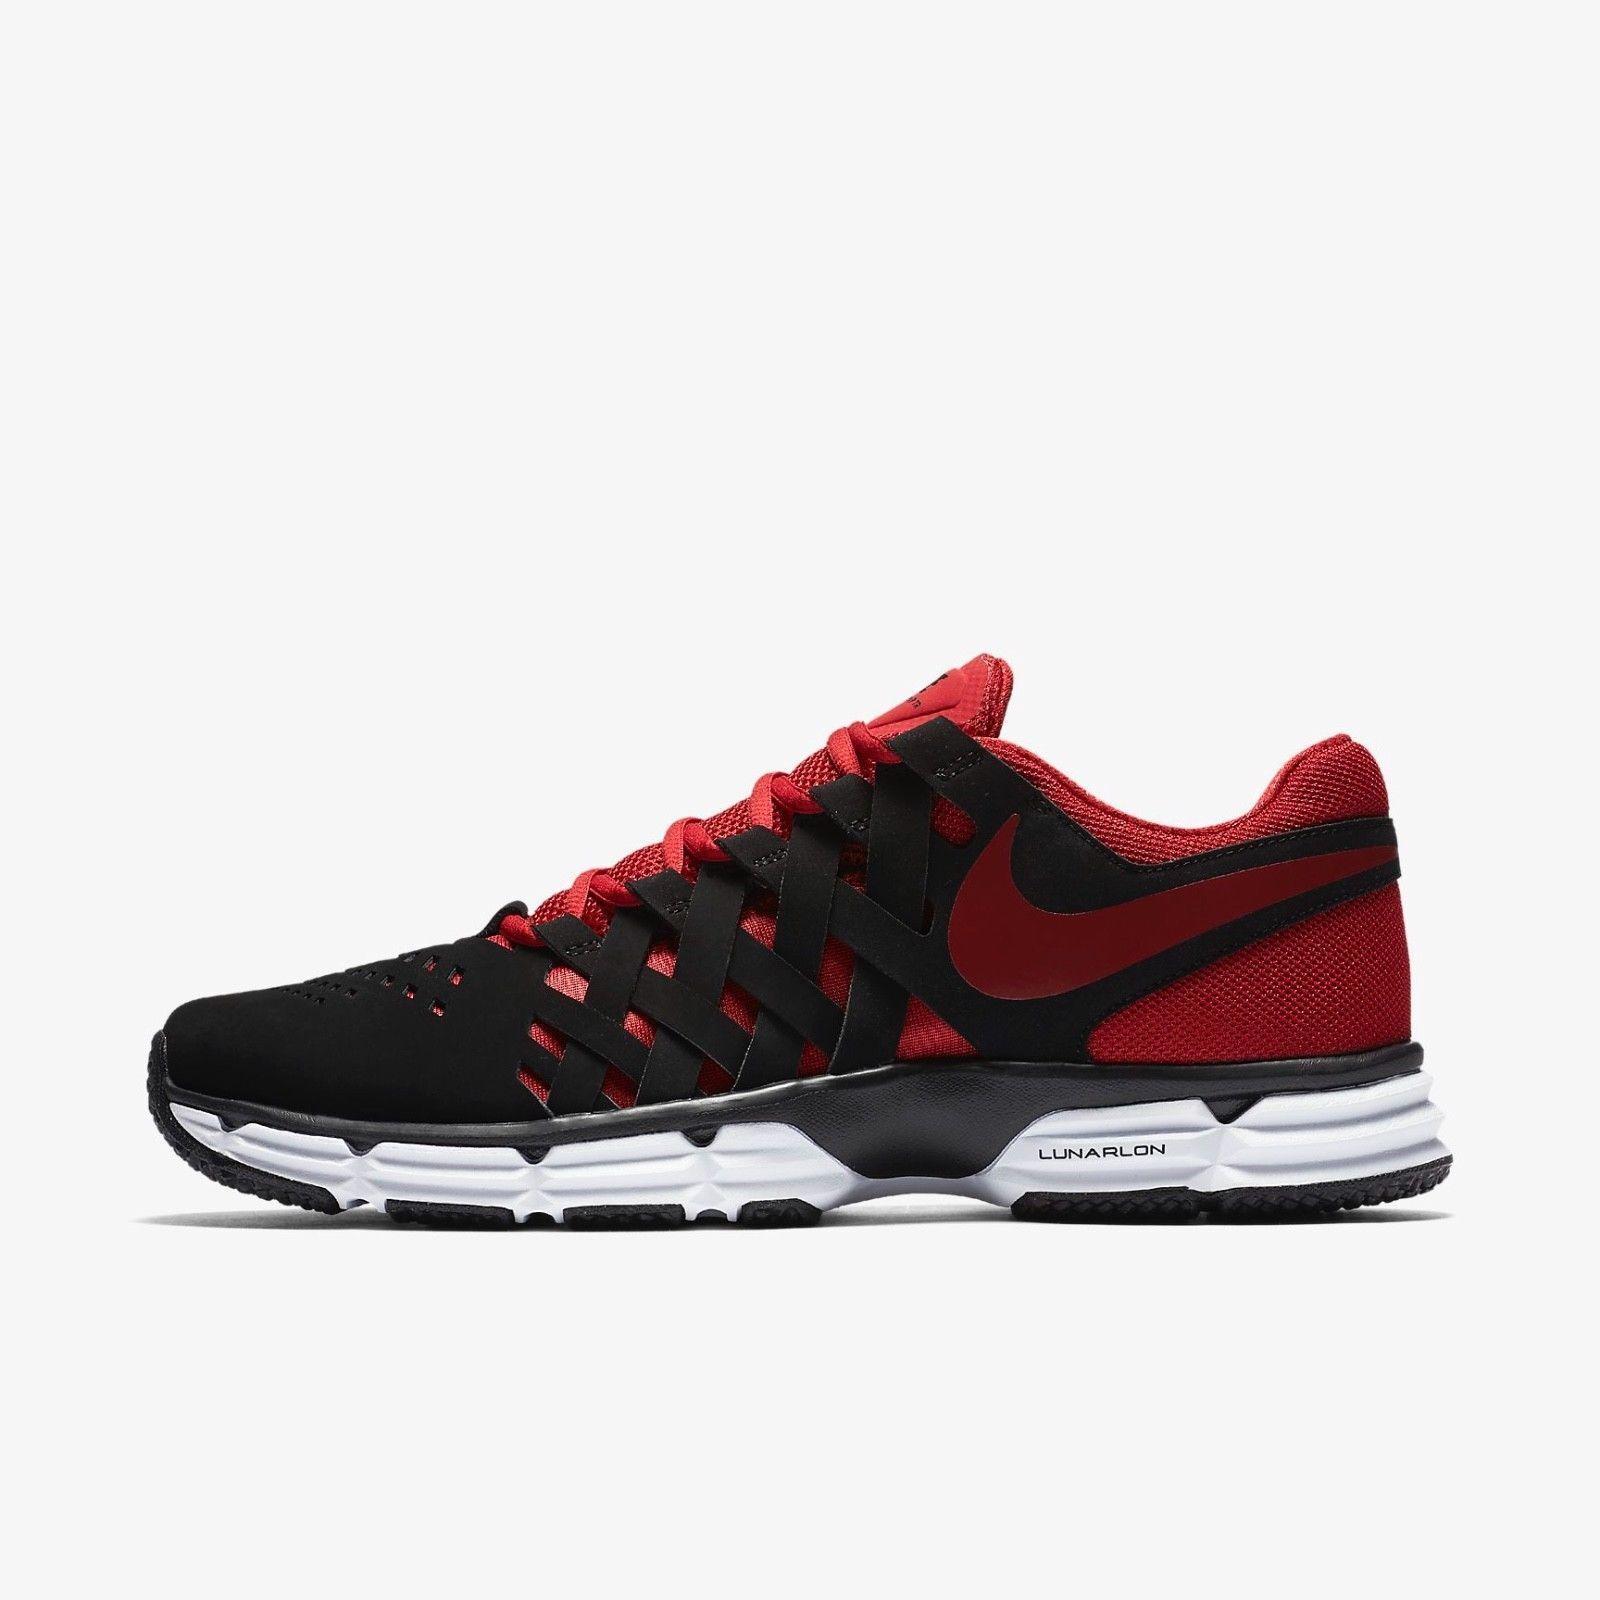 Pennino nike lunar fingertrap tr scarpe scarpe rosso nero 898066-006 Uomo sz gli 8 e i 13